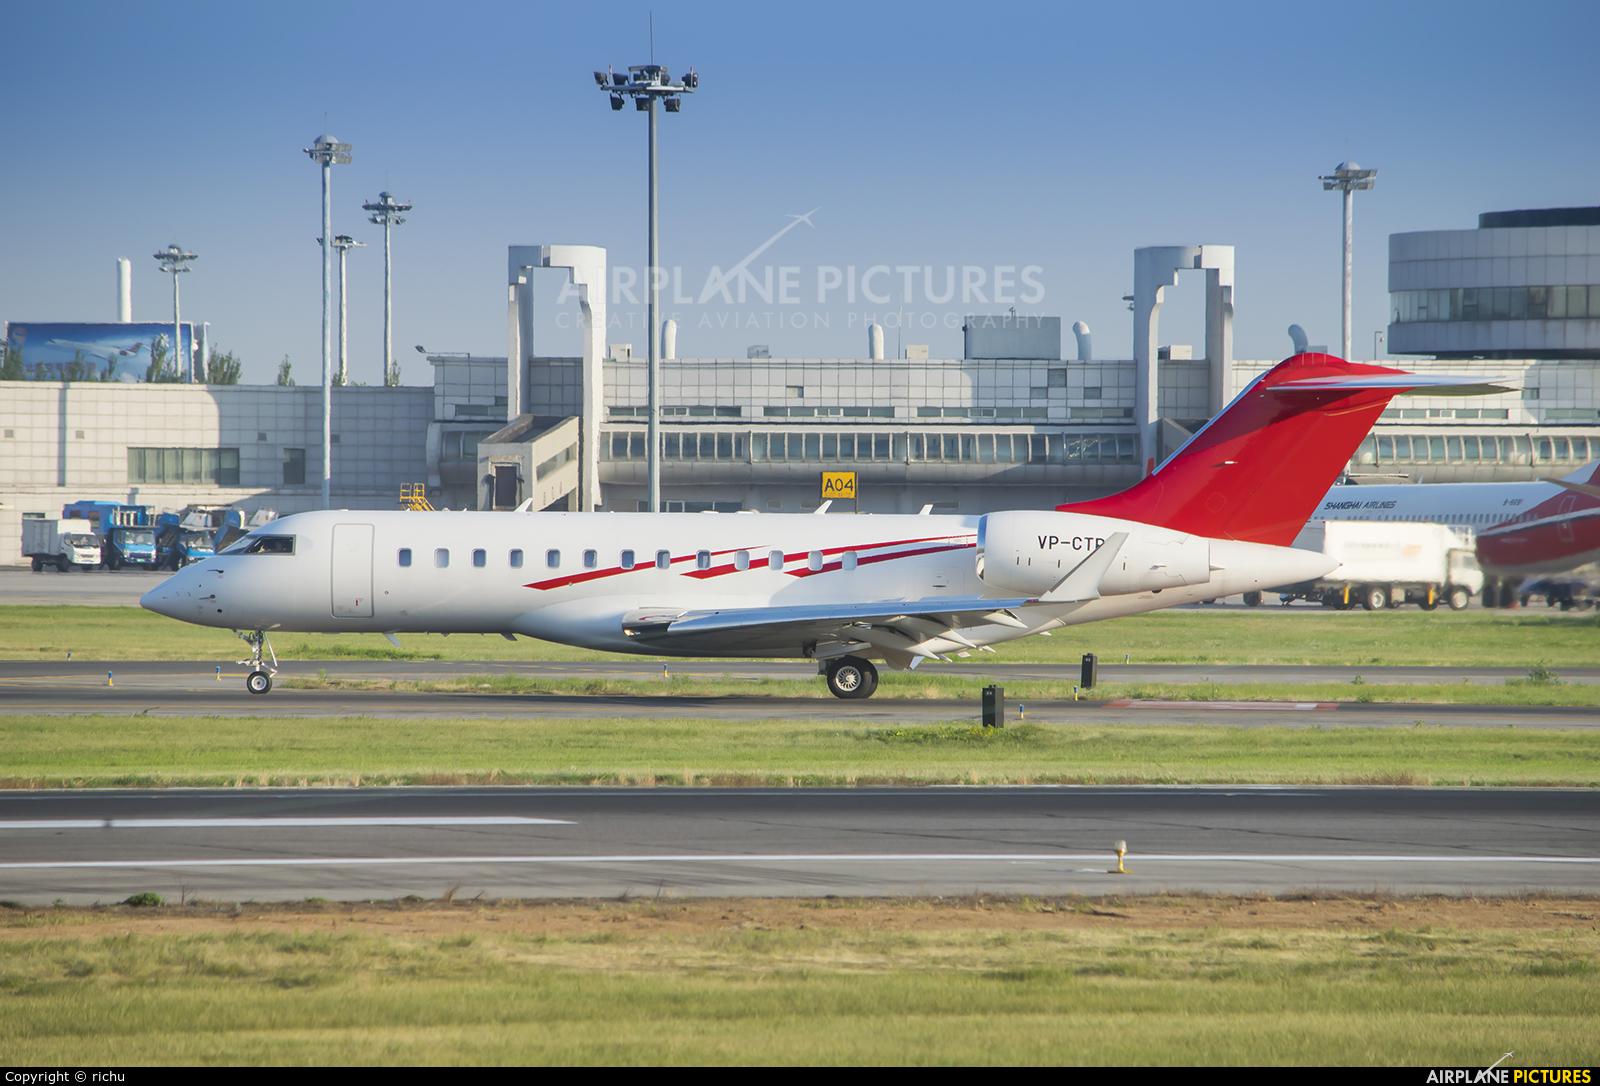 Empire Aviation Group VP-CTP aircraft at Shenyang-Taoxian